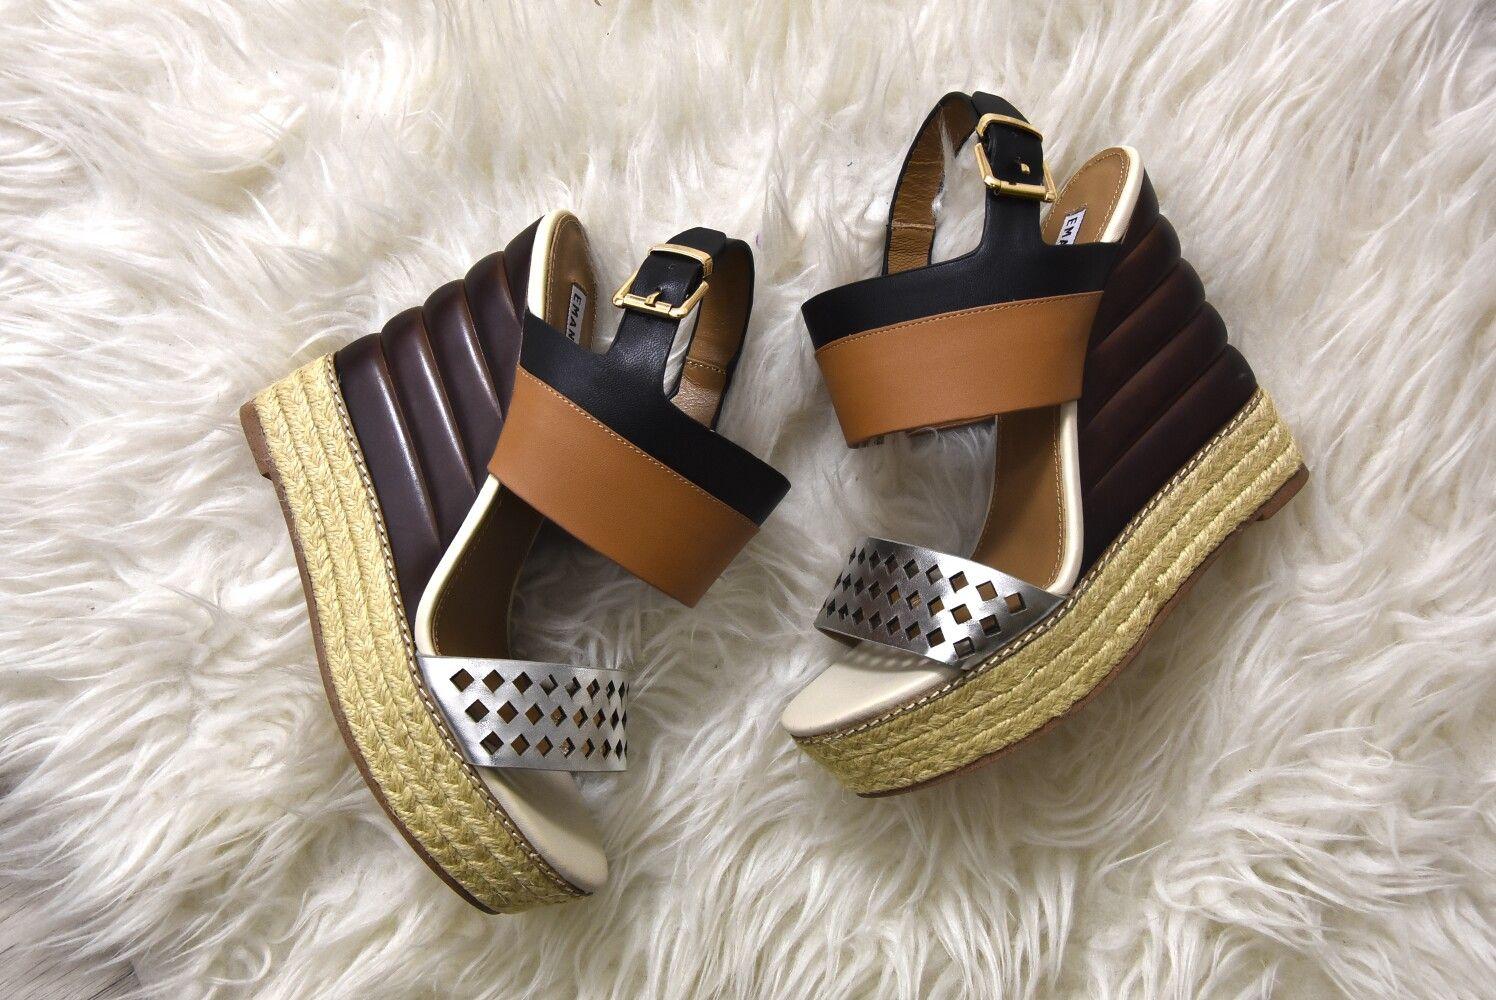 •SALDI• Per creare un look esclusivo e di stile non ti resta che puntare sulle calzature Emanuelle Vee! ☀️☀️☀️ Ti piace? ☺  ➡️ http://goo.gl/EHngCh  #emanuellevee #scarpe #donna #sandalo #shoes #tronchetto #dorato #sandali #torino #ragazzina #sconto #saldi #dorata #oro #scarpenuove #black #scarpetta #totalblack #regalo #blogger #scarpa #roma #belle #sconti #shopping #adoro #stile #milano #calzature #molise